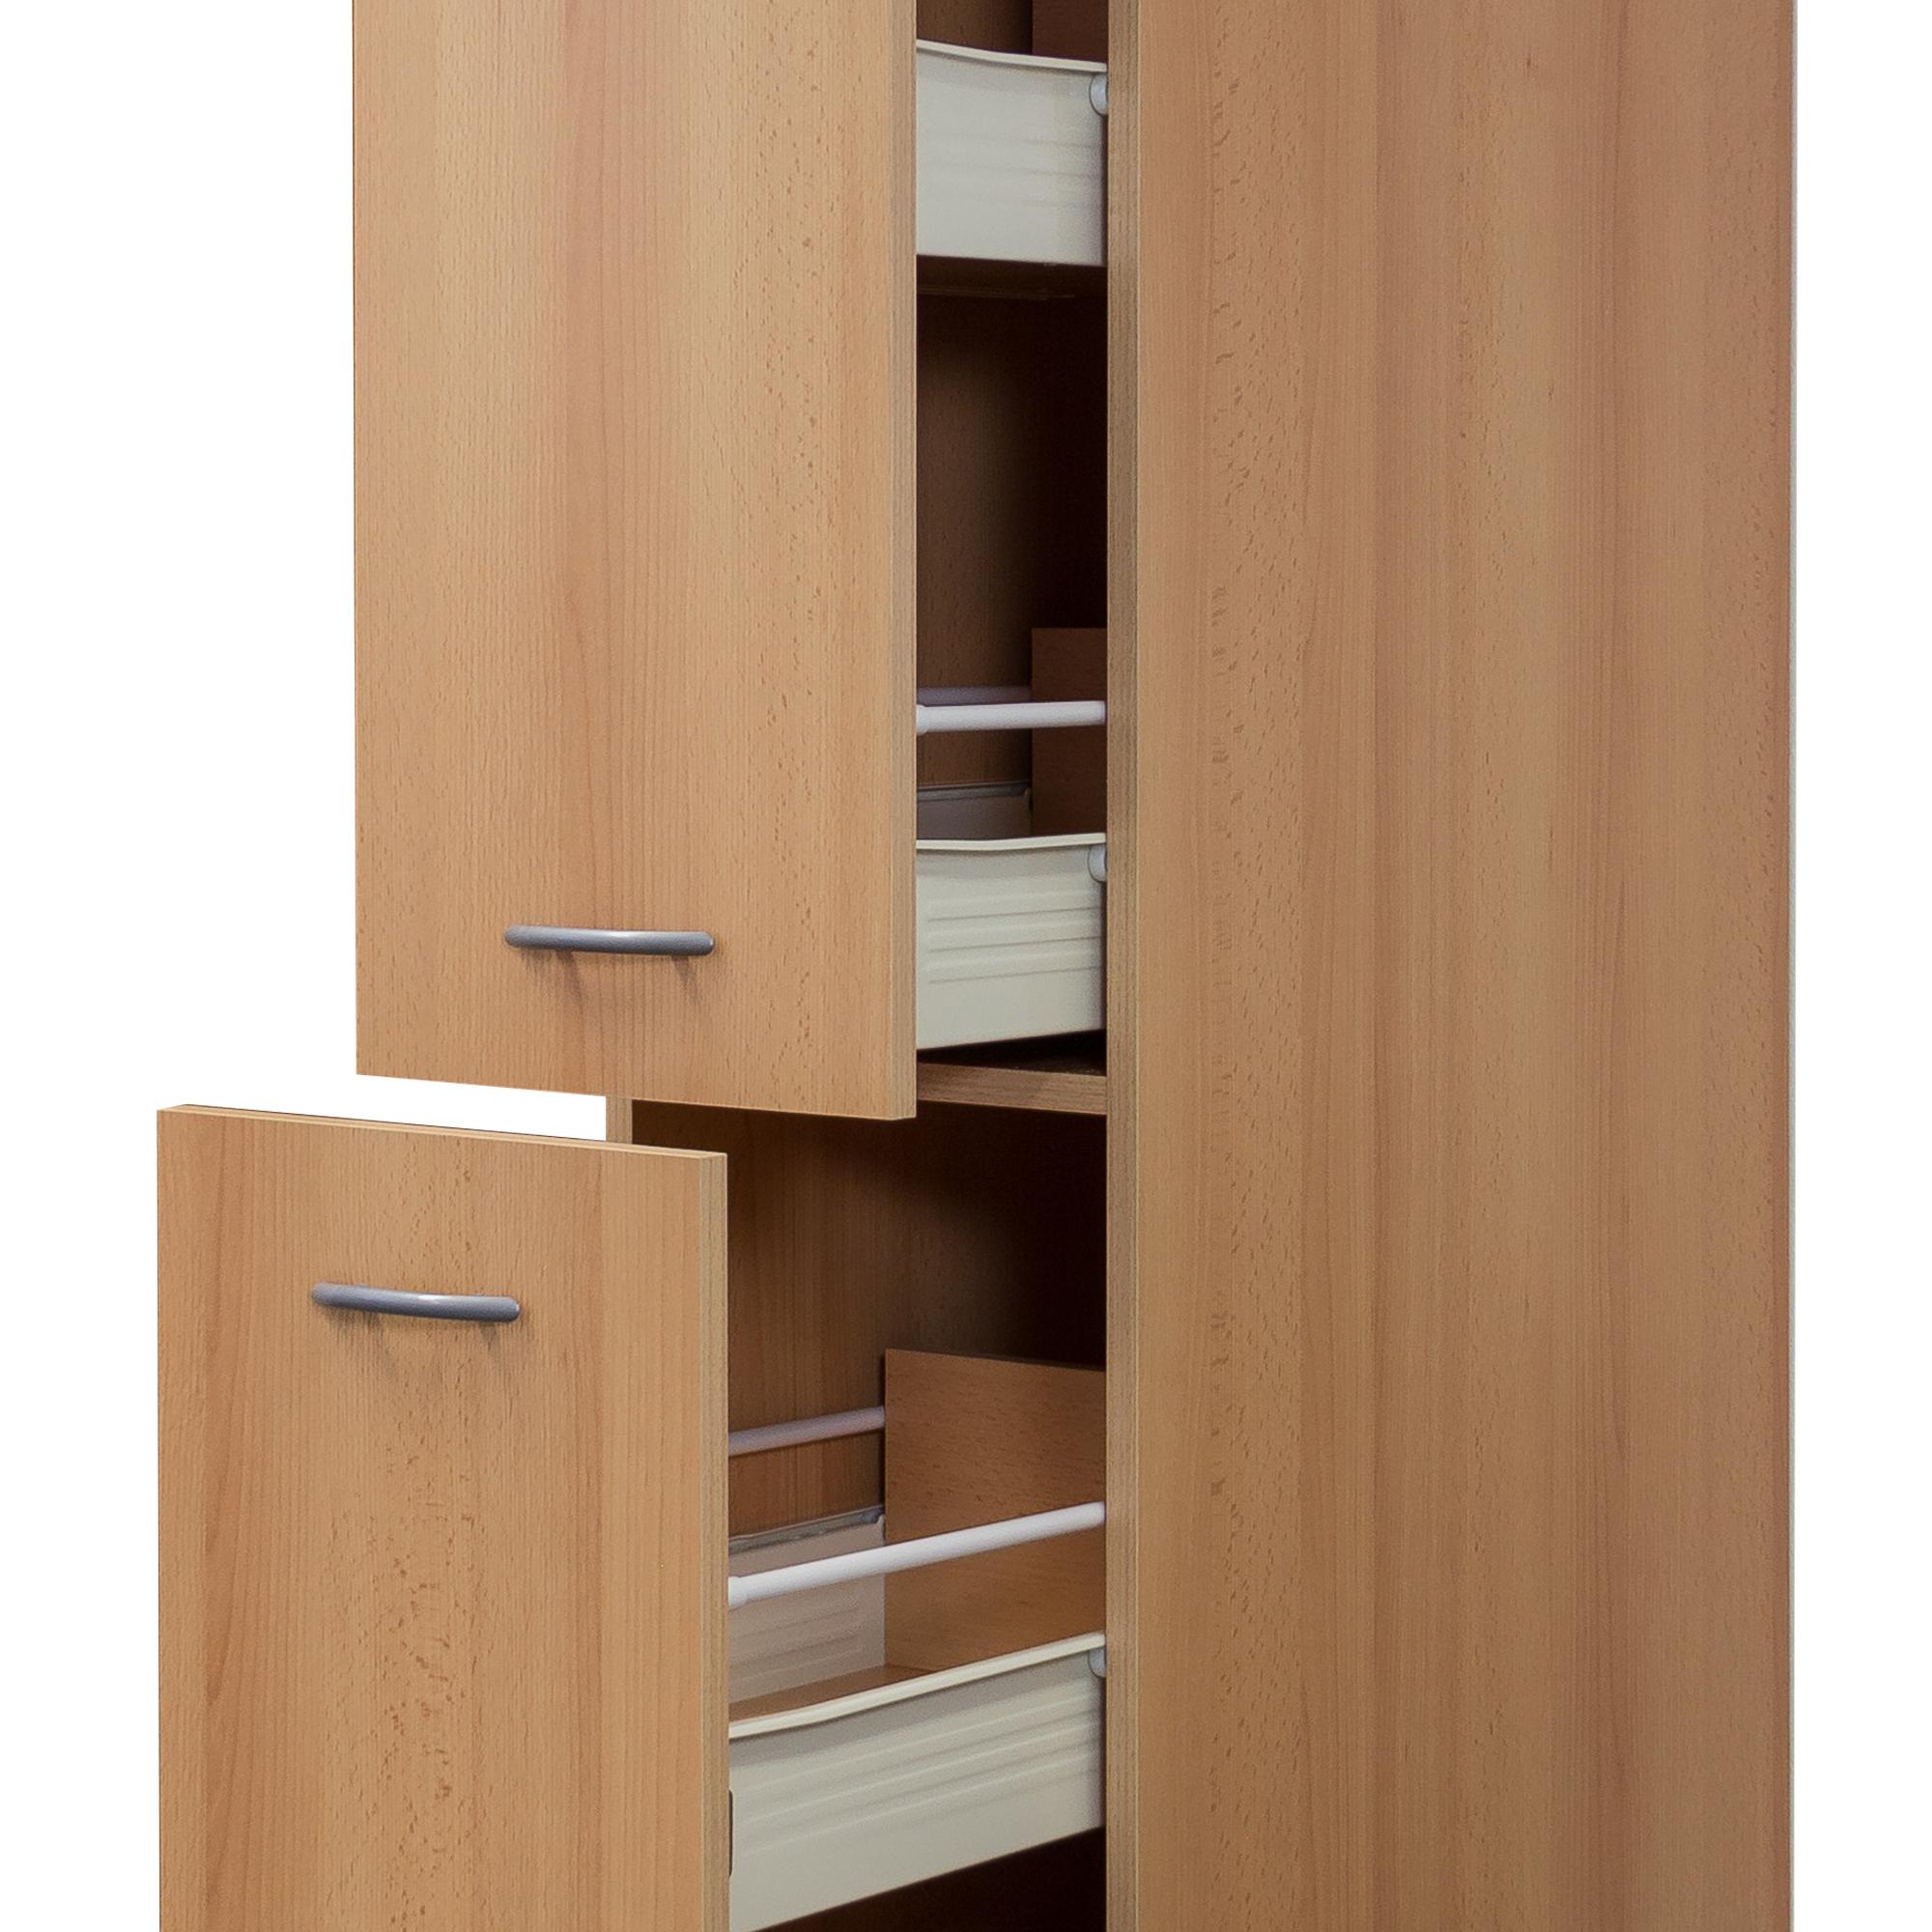 Küchen-Apothekerschrank NANO - 115 Front-Auszüge, 15 Schubkästen - Buche